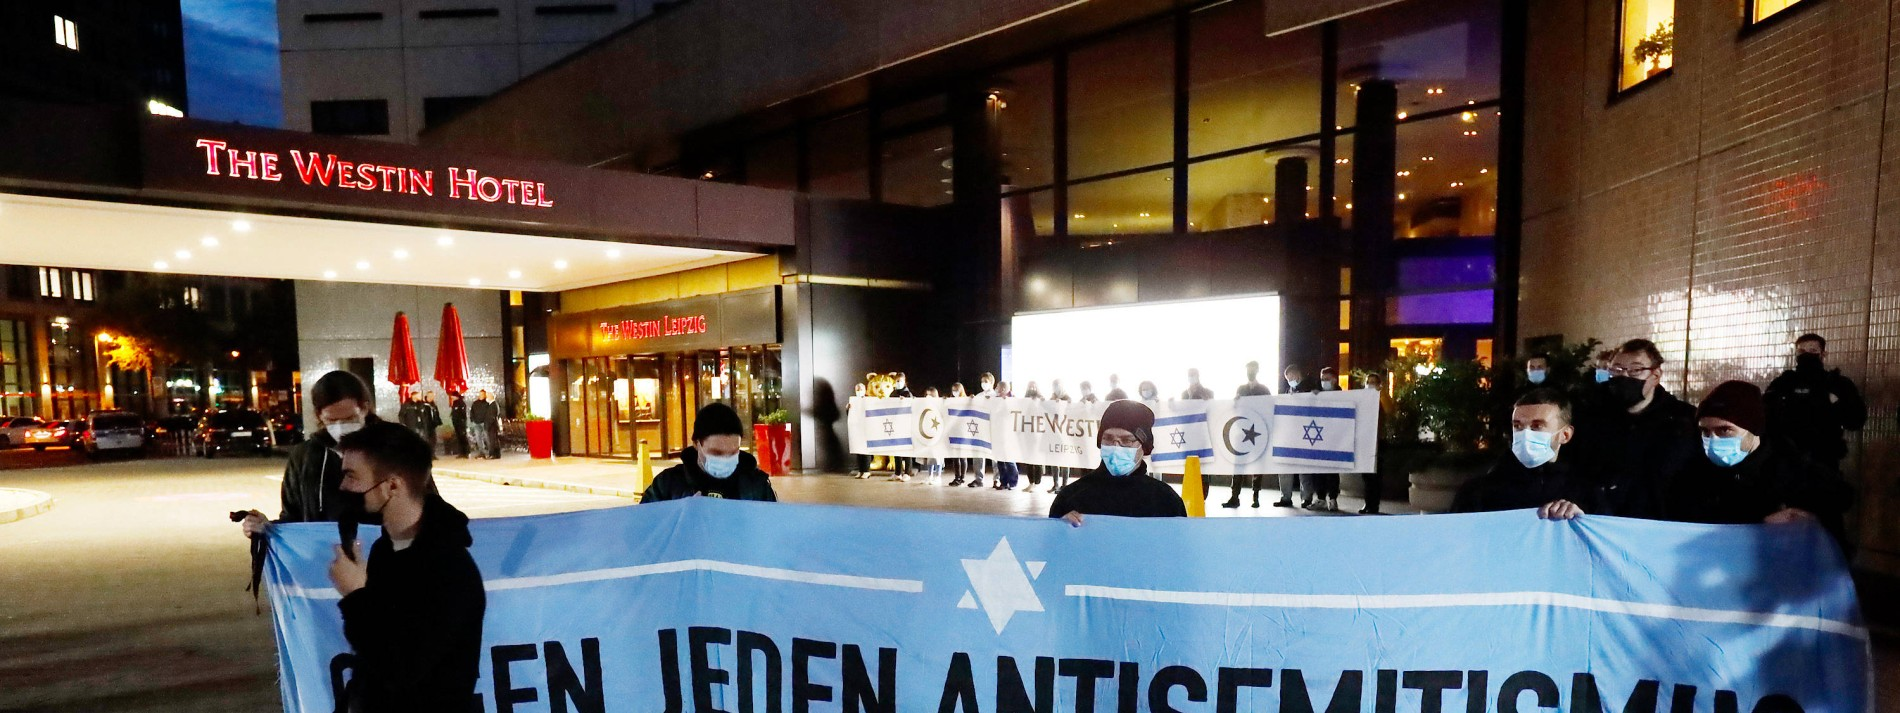 Antisemitismus-Vorfall: Hotel-Mitarbeiter stellt Anzeige wegen Verleumdung